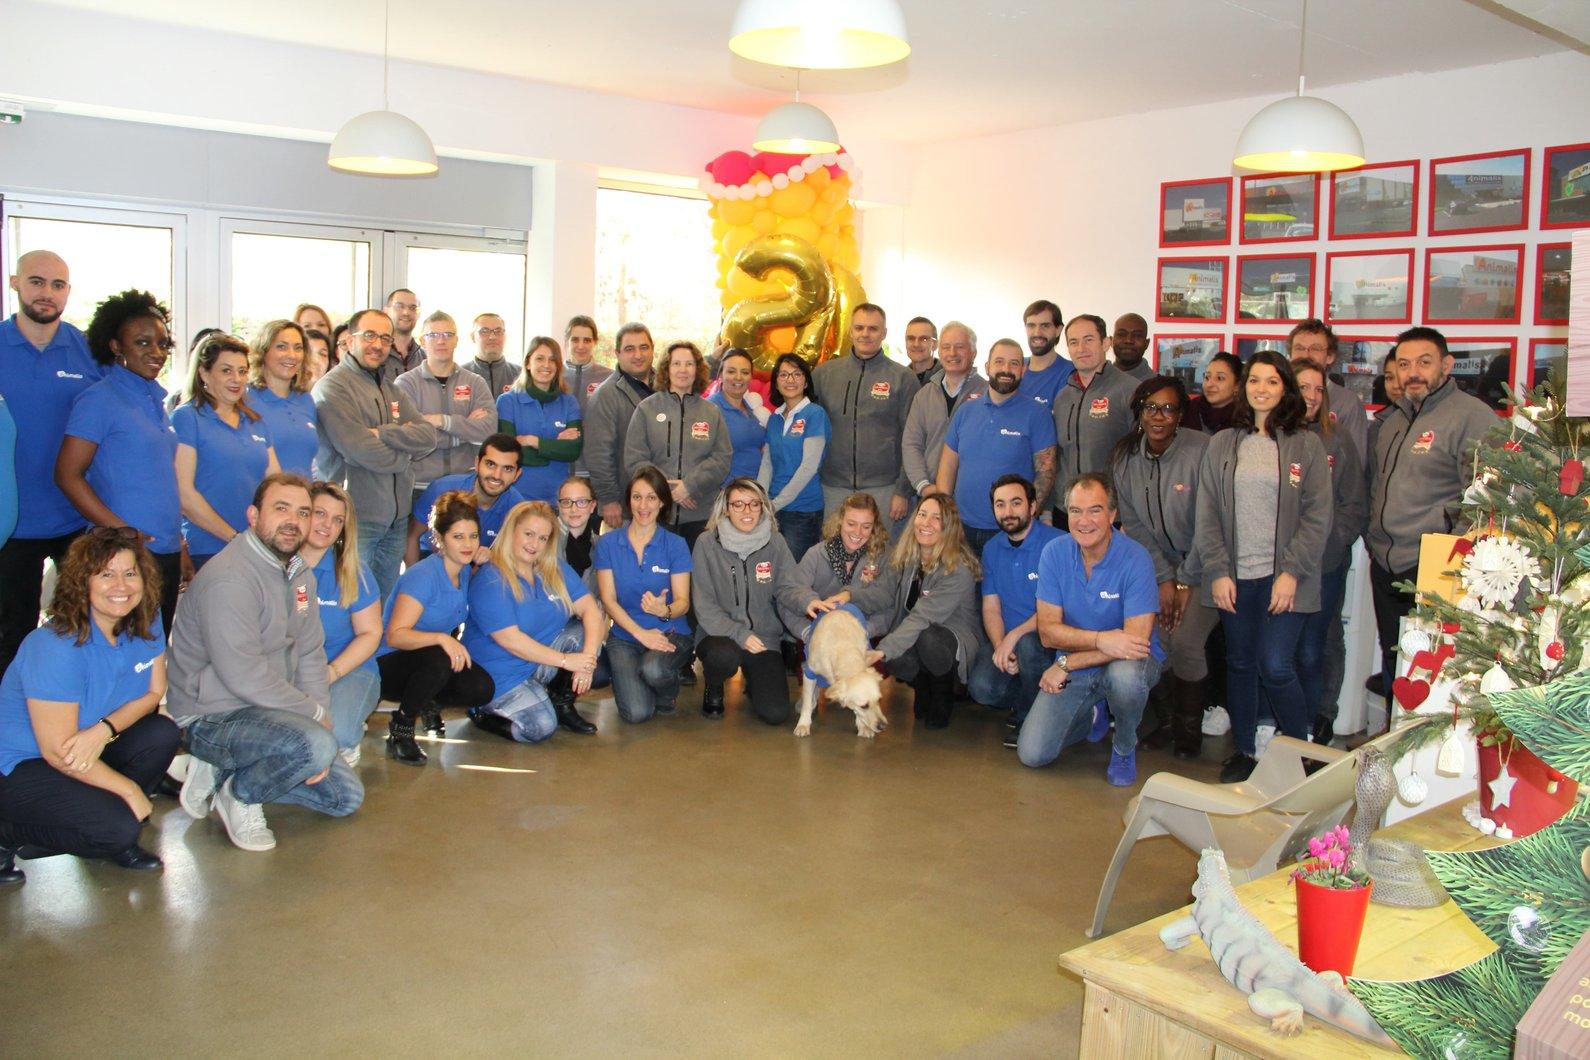 L'équipe Animalis au sein du siège social à Courcouronnes (91)